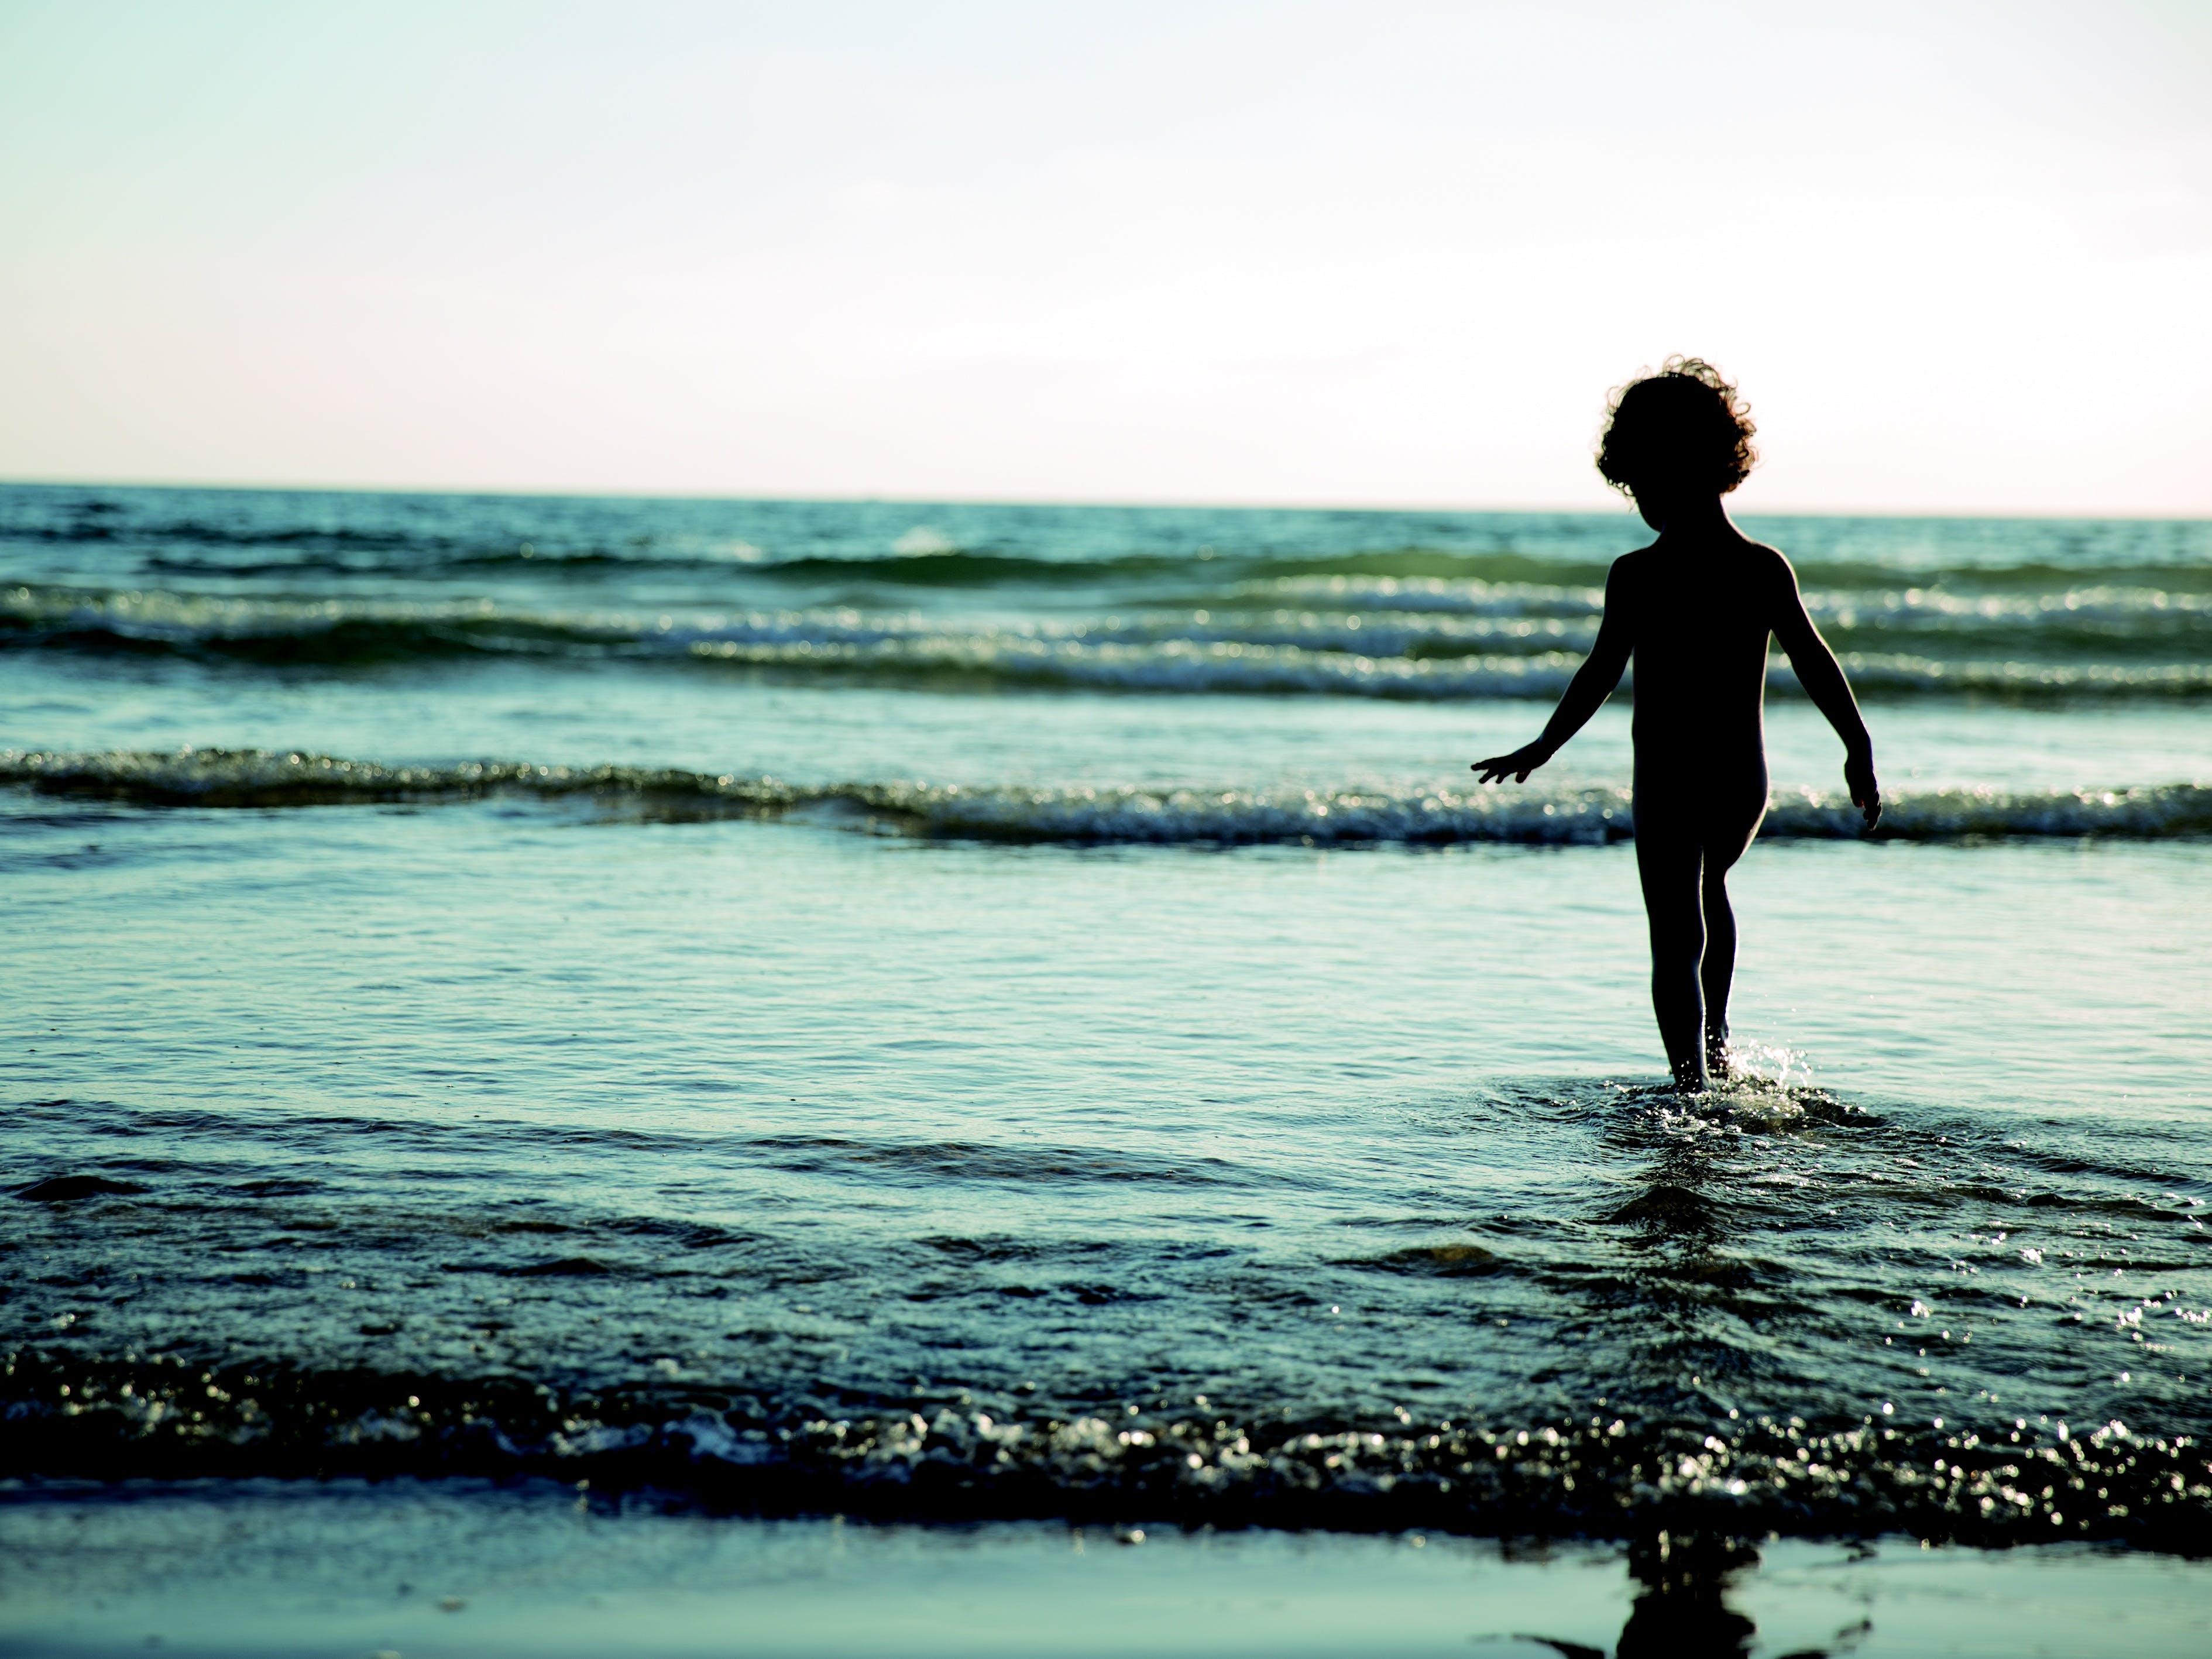 Kostenloses Stock Foto zu kind, meer, meeresküste, ozean